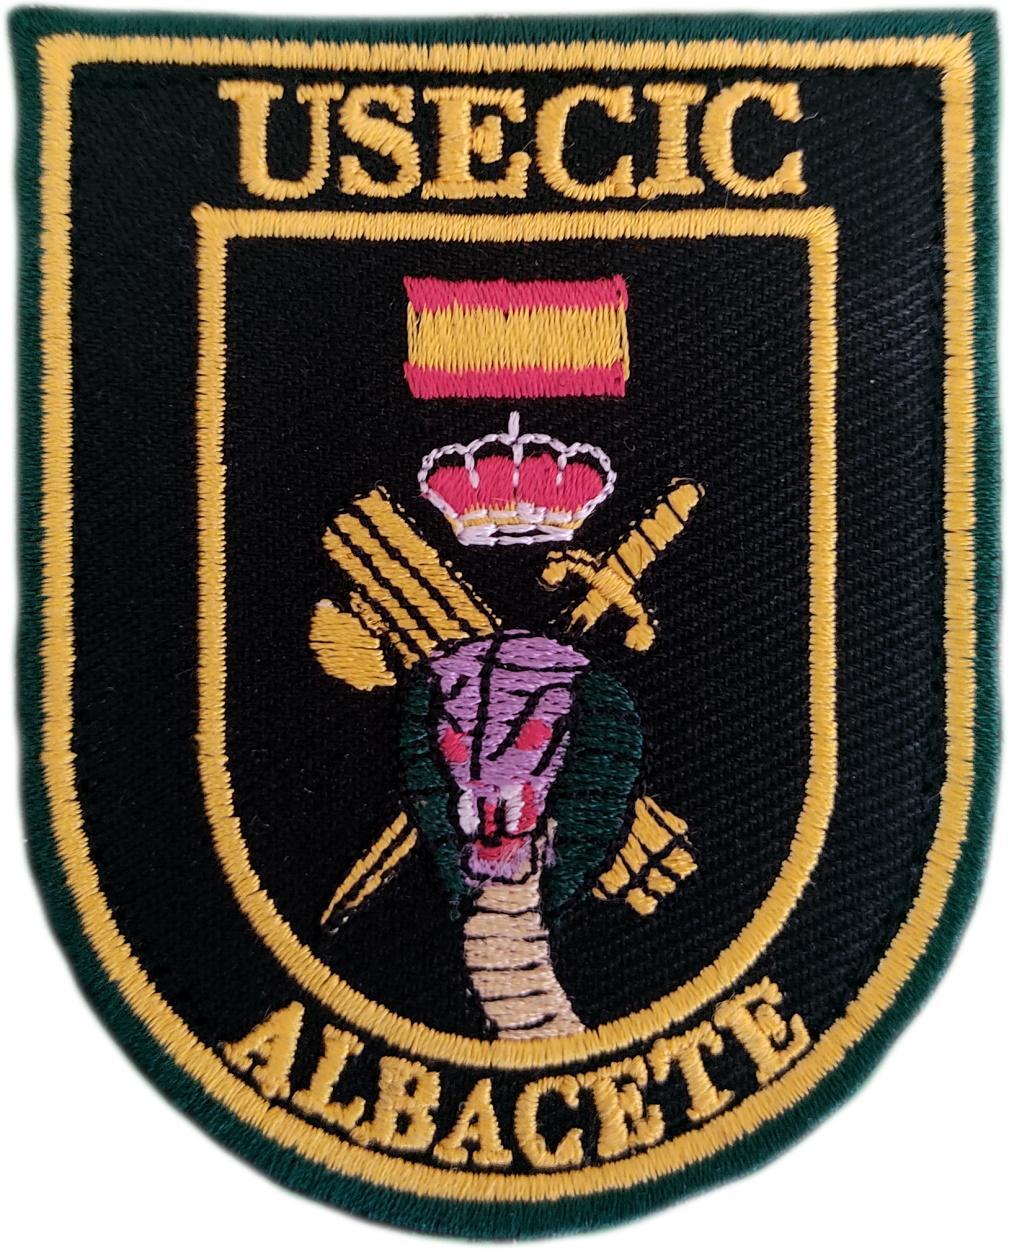 Guardia Civil Usecic Albacete parche insignia emblema distintivo bordado